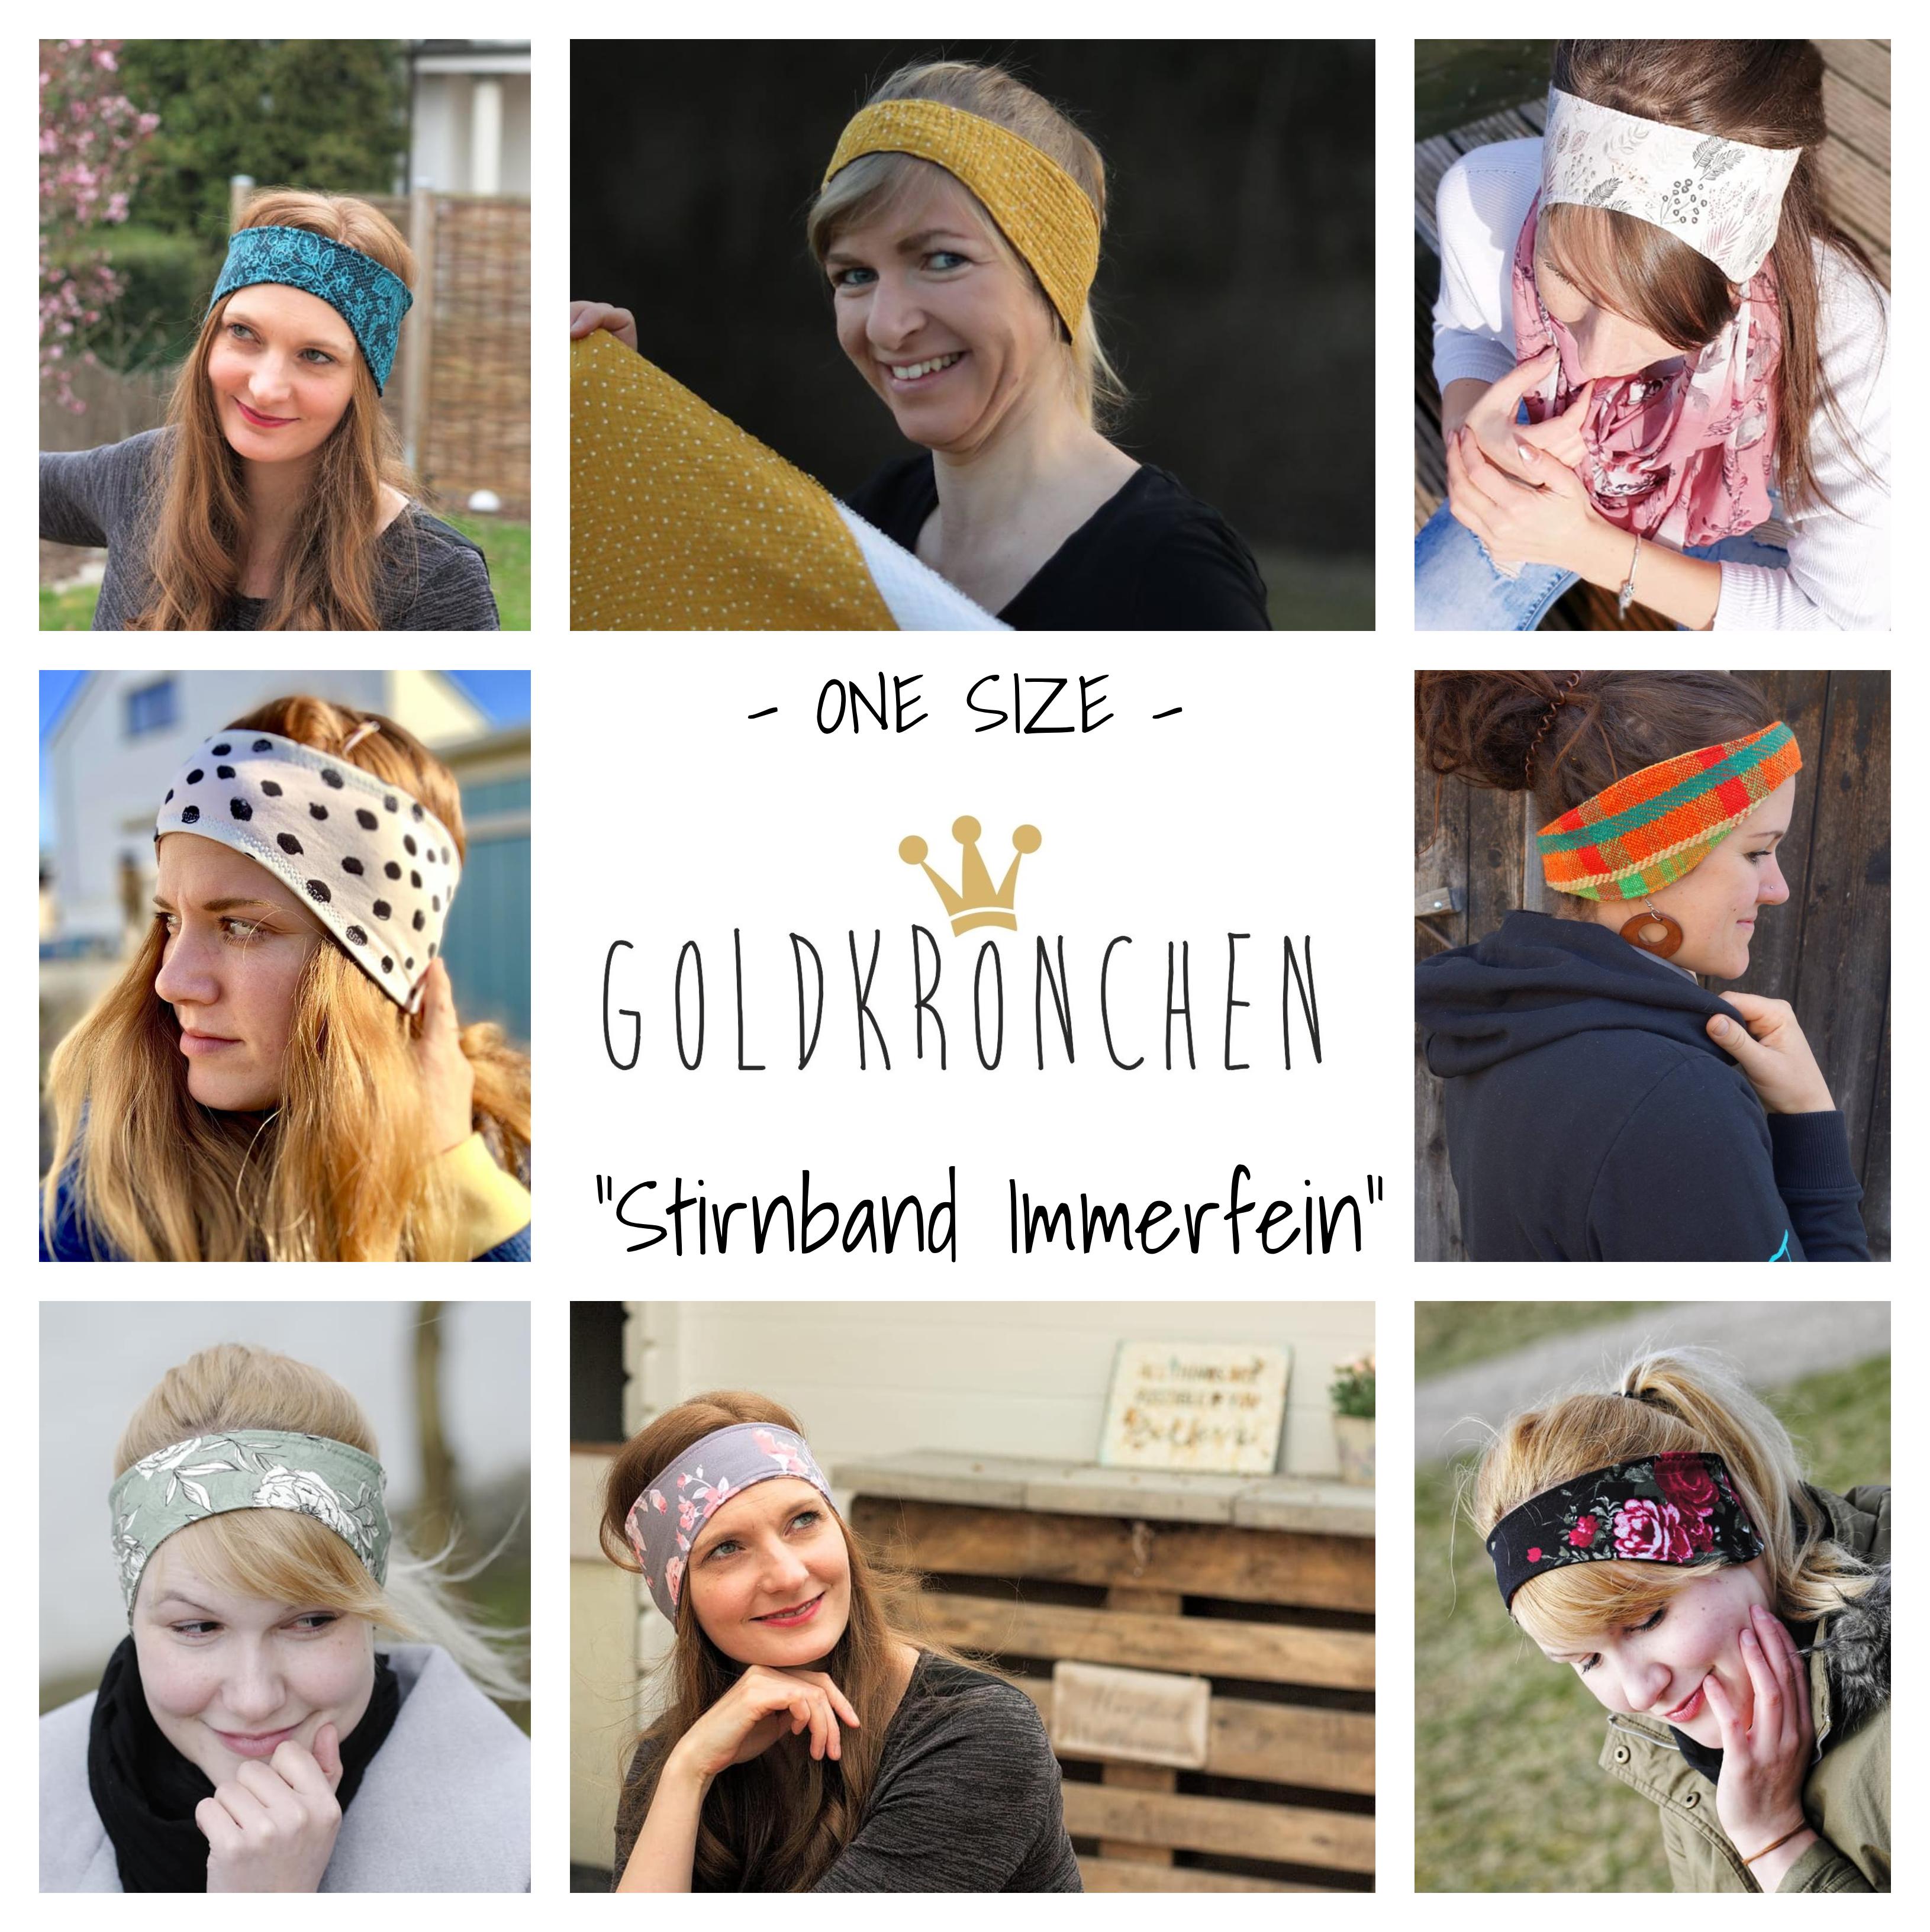 Stirnband Immerfein Ebook, one size